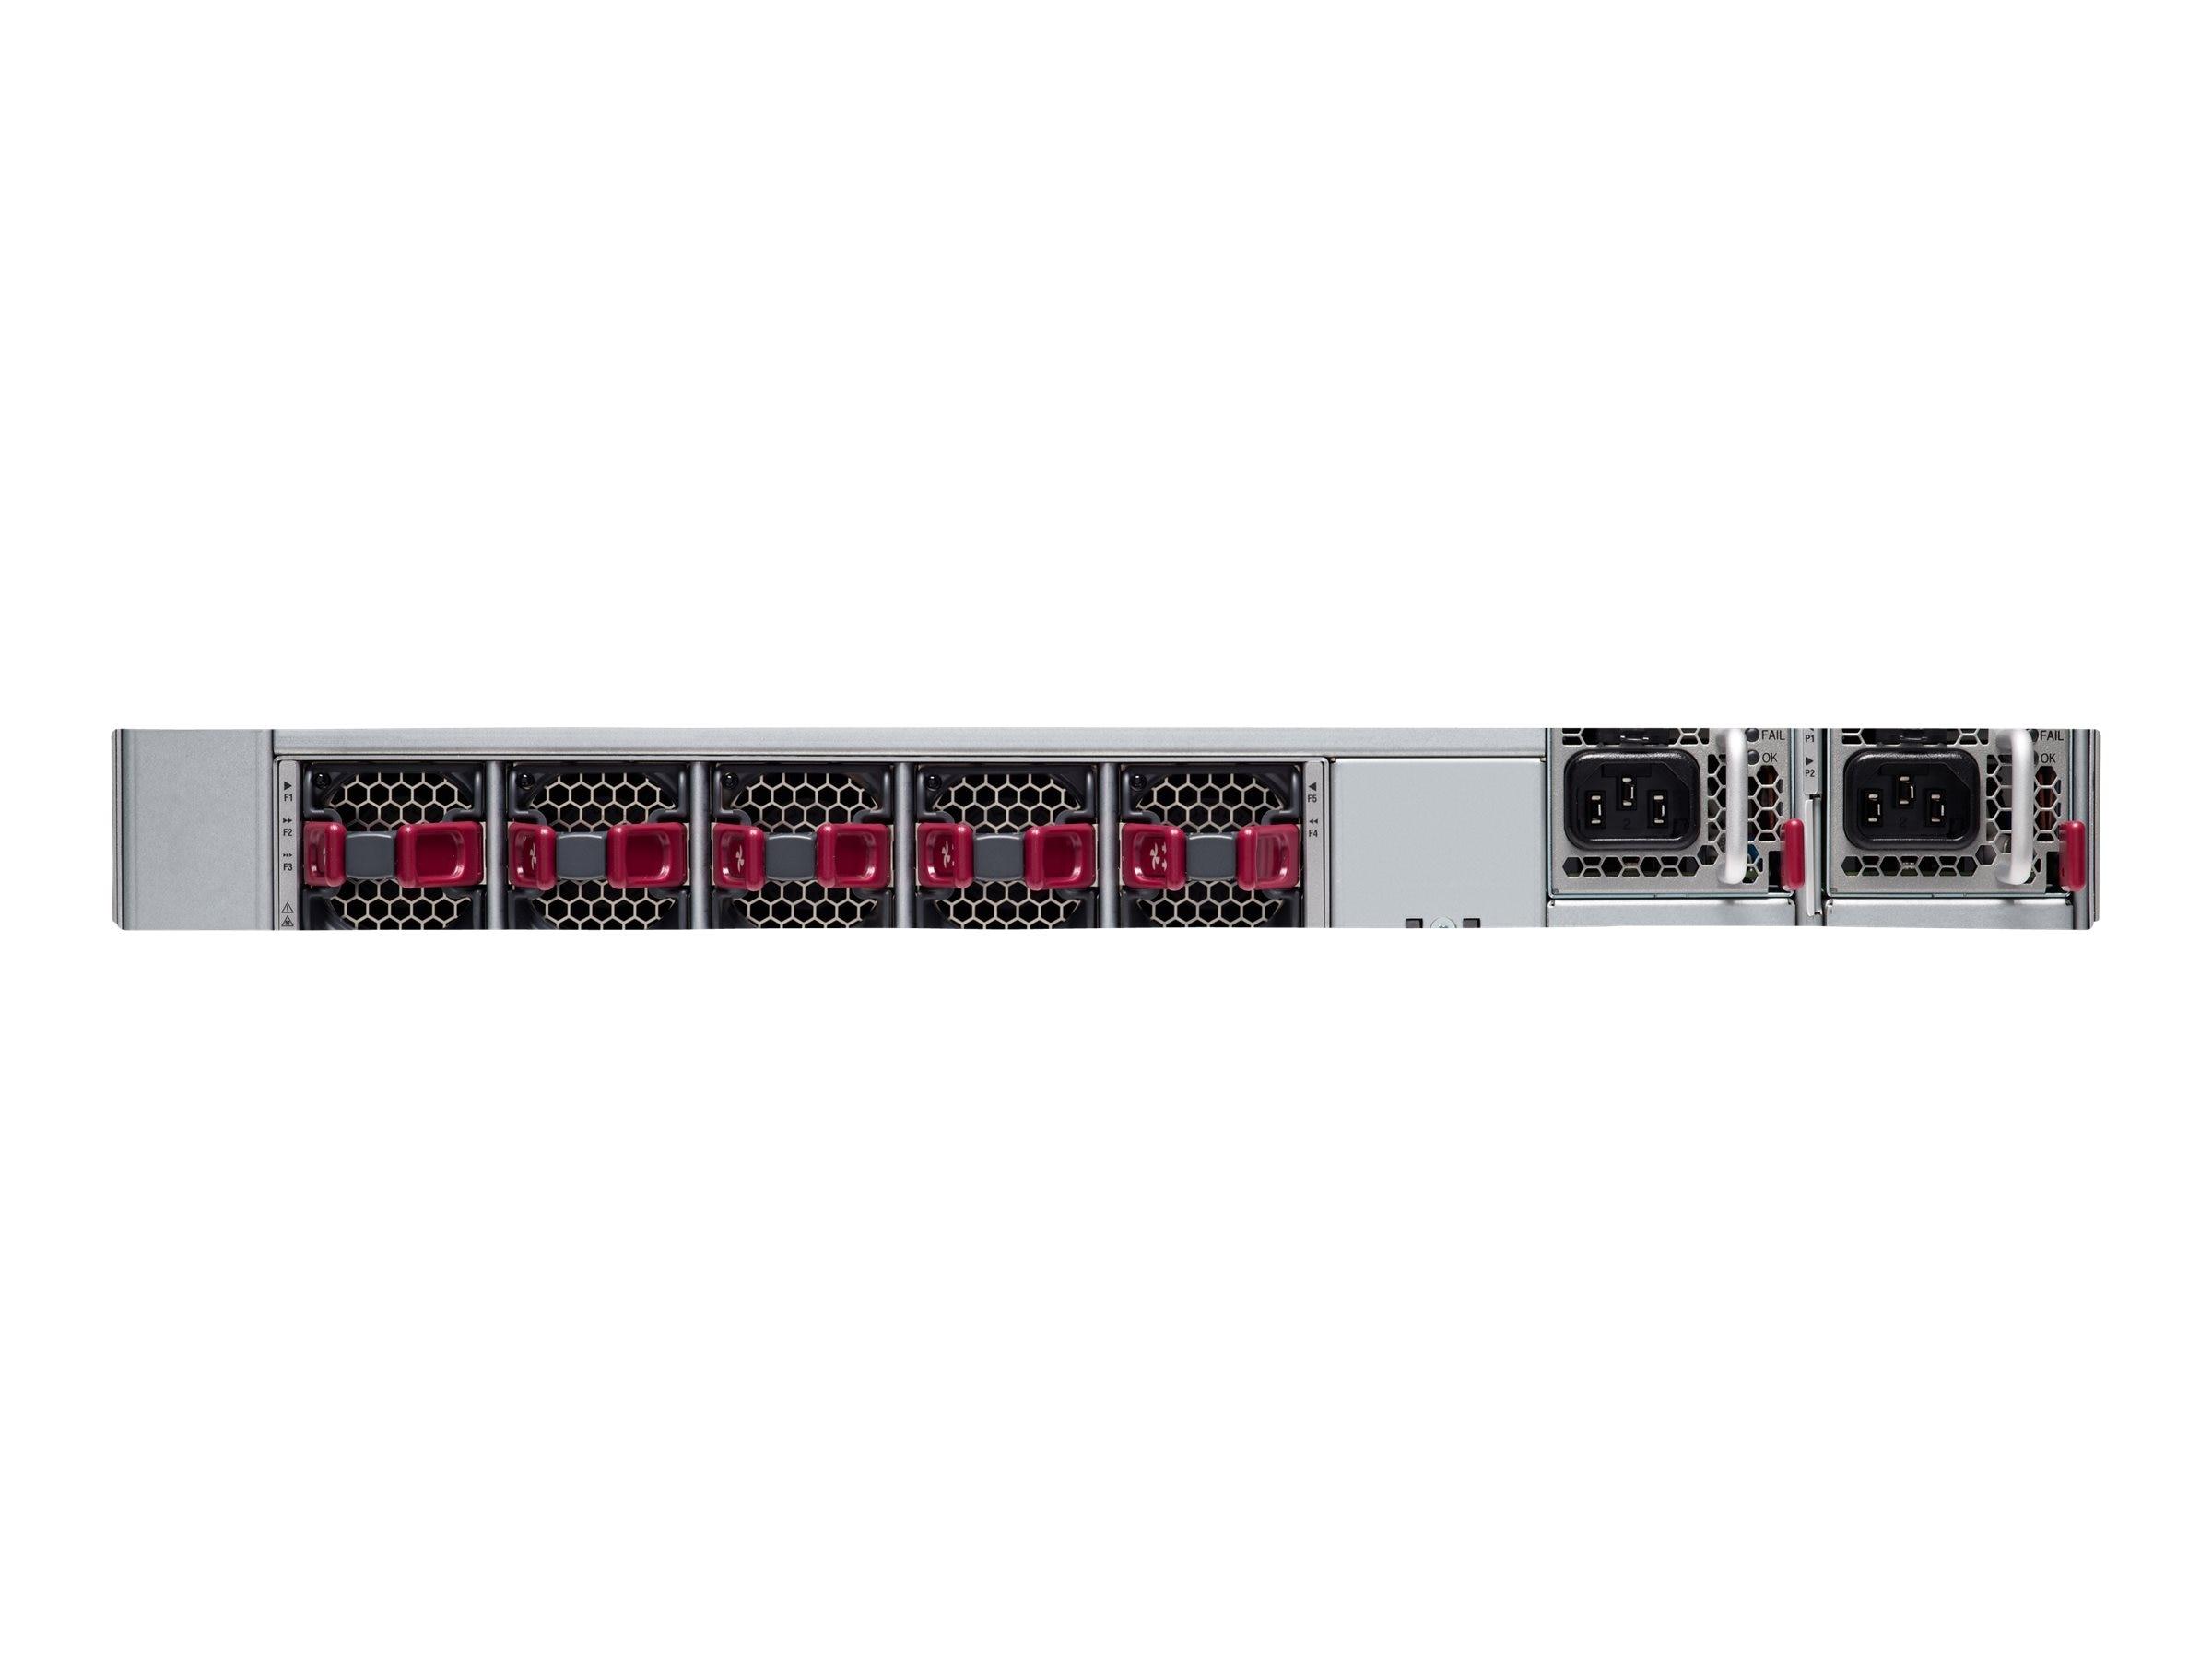 Cisco Nexus 93240YC-FX2 2U RM L3 Managed Switch 24GB RAM 128GB SSD 48x25GbE  12x100GbE 2xPSU